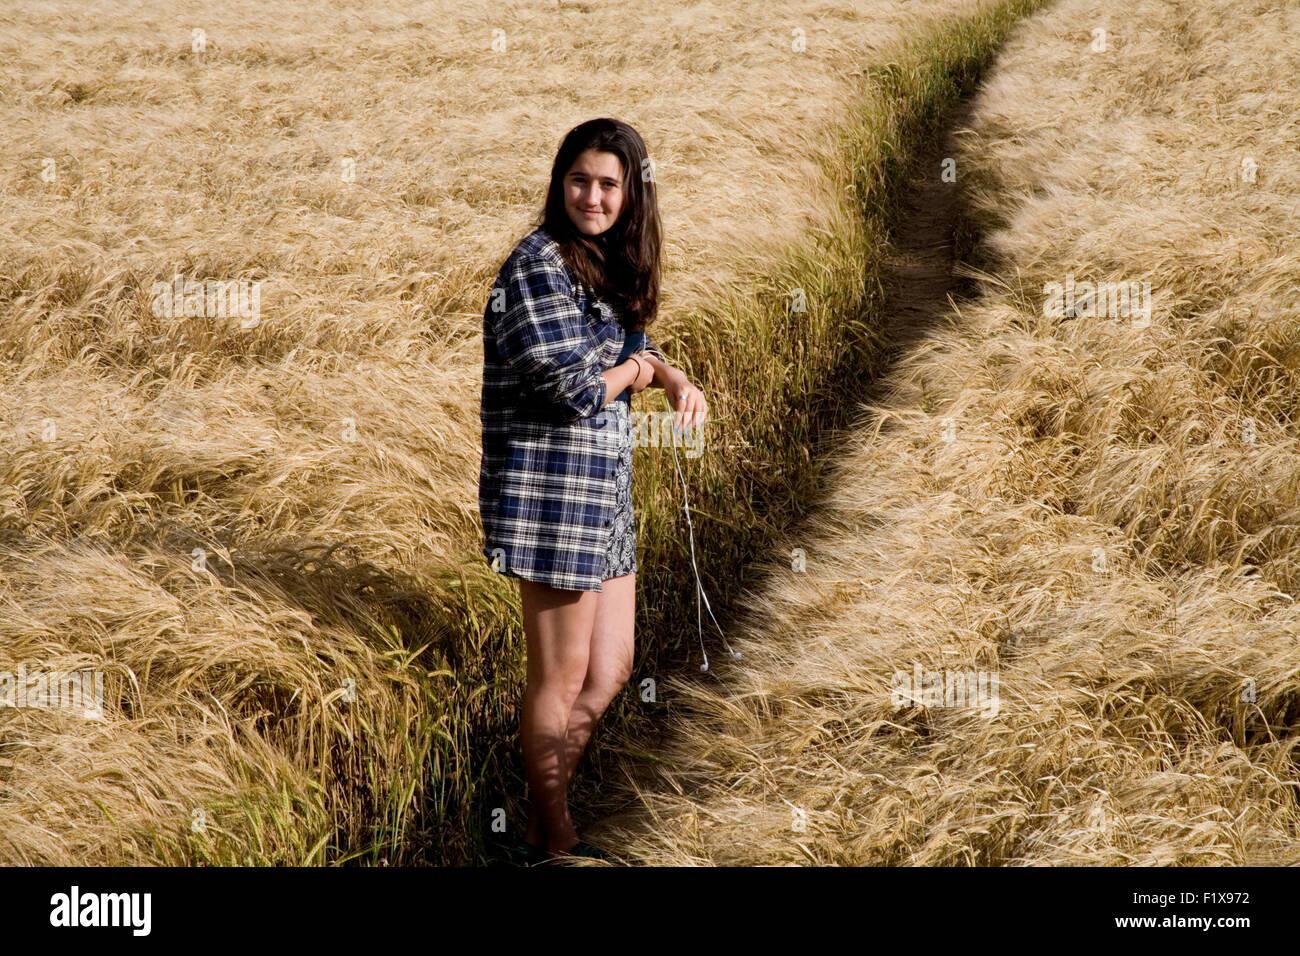 Teenage girl in wheat field - Stock Image